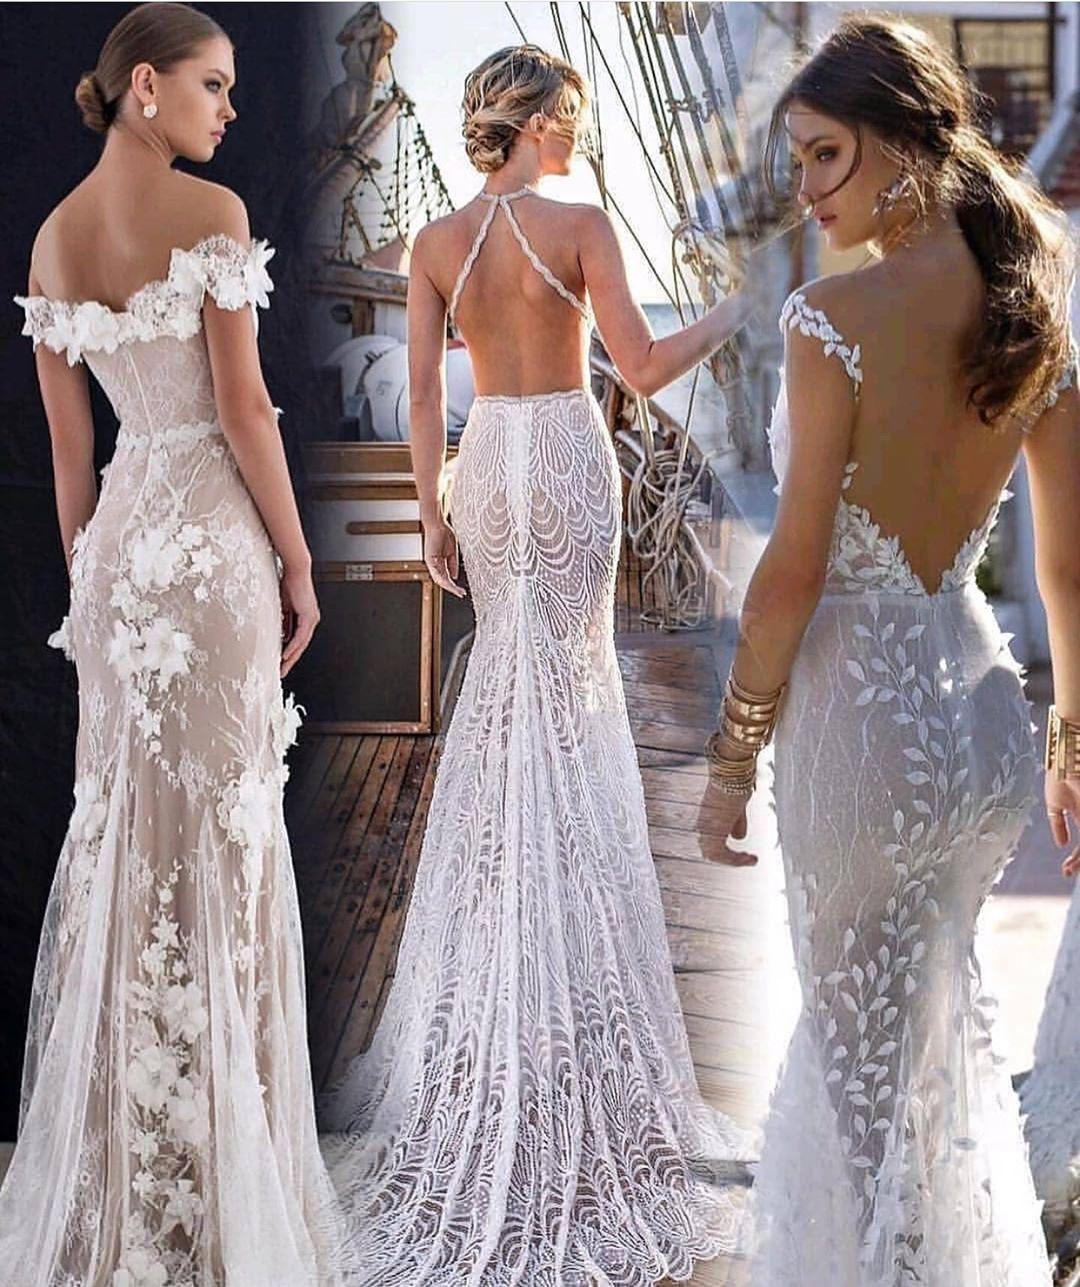 Pin On Beautiful Weddings